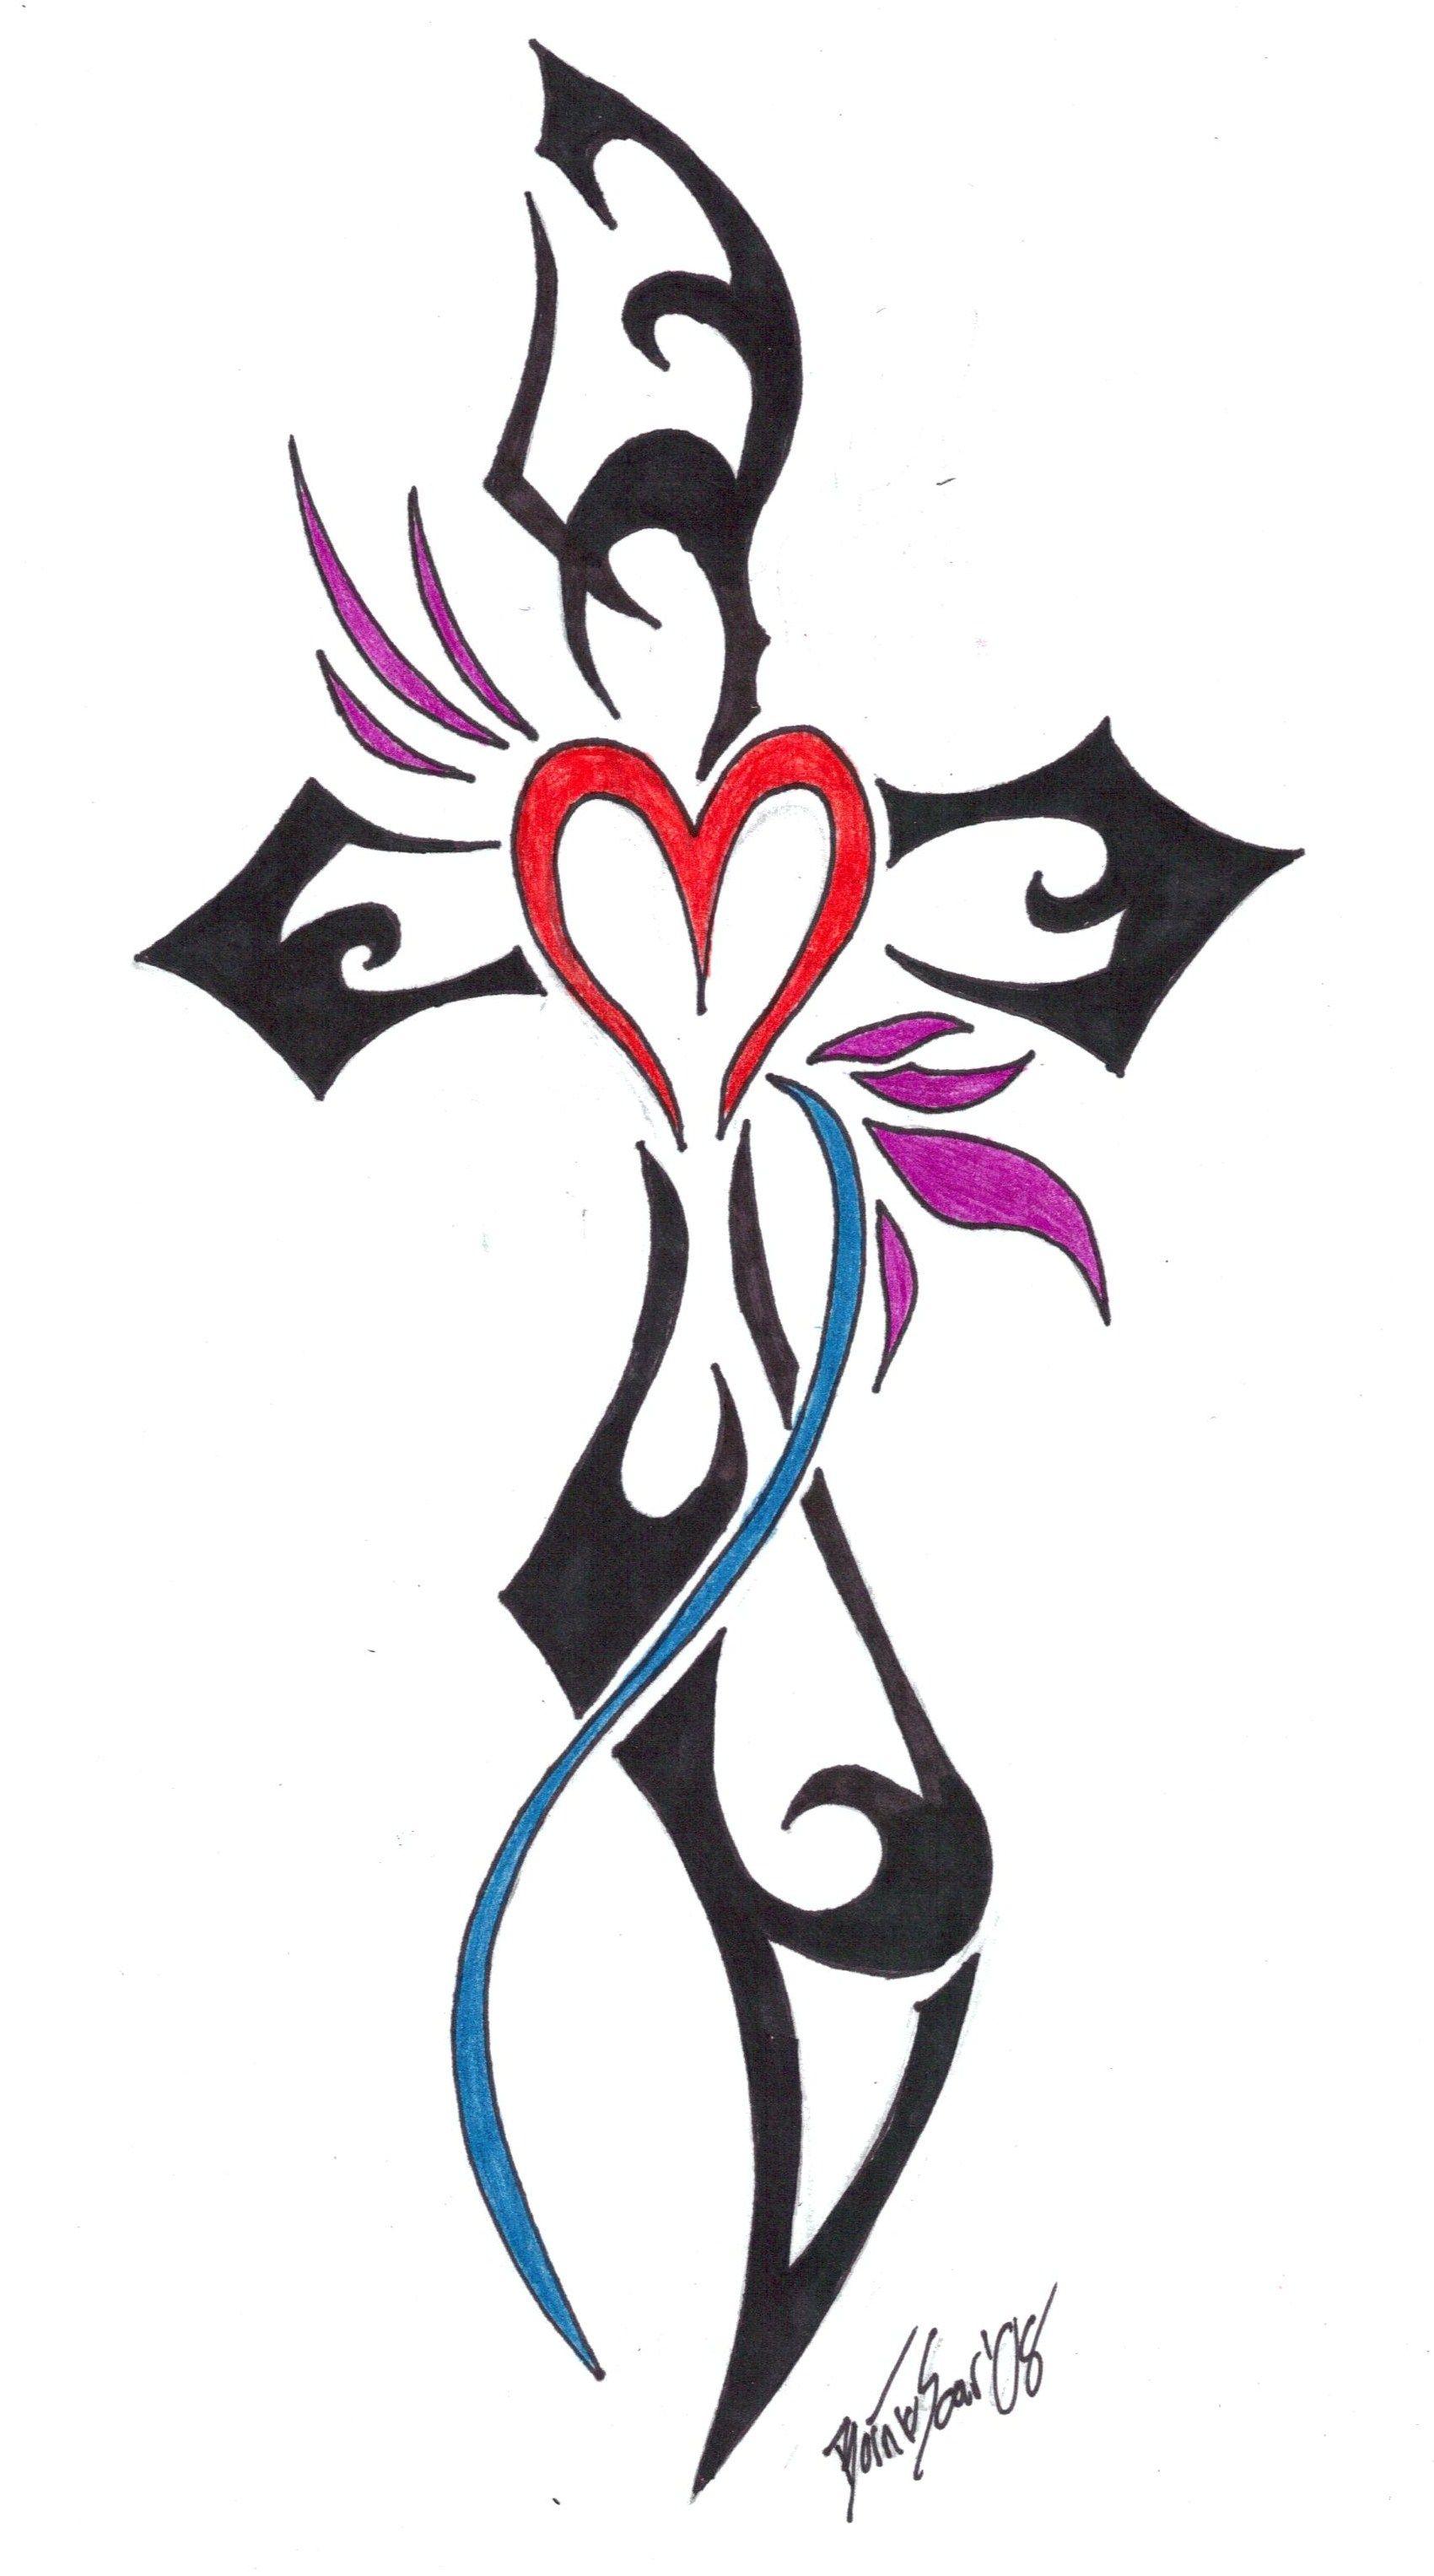 Cross Tattoo Tattoos Pinterest Tatuajes Tatuaje Corazon And